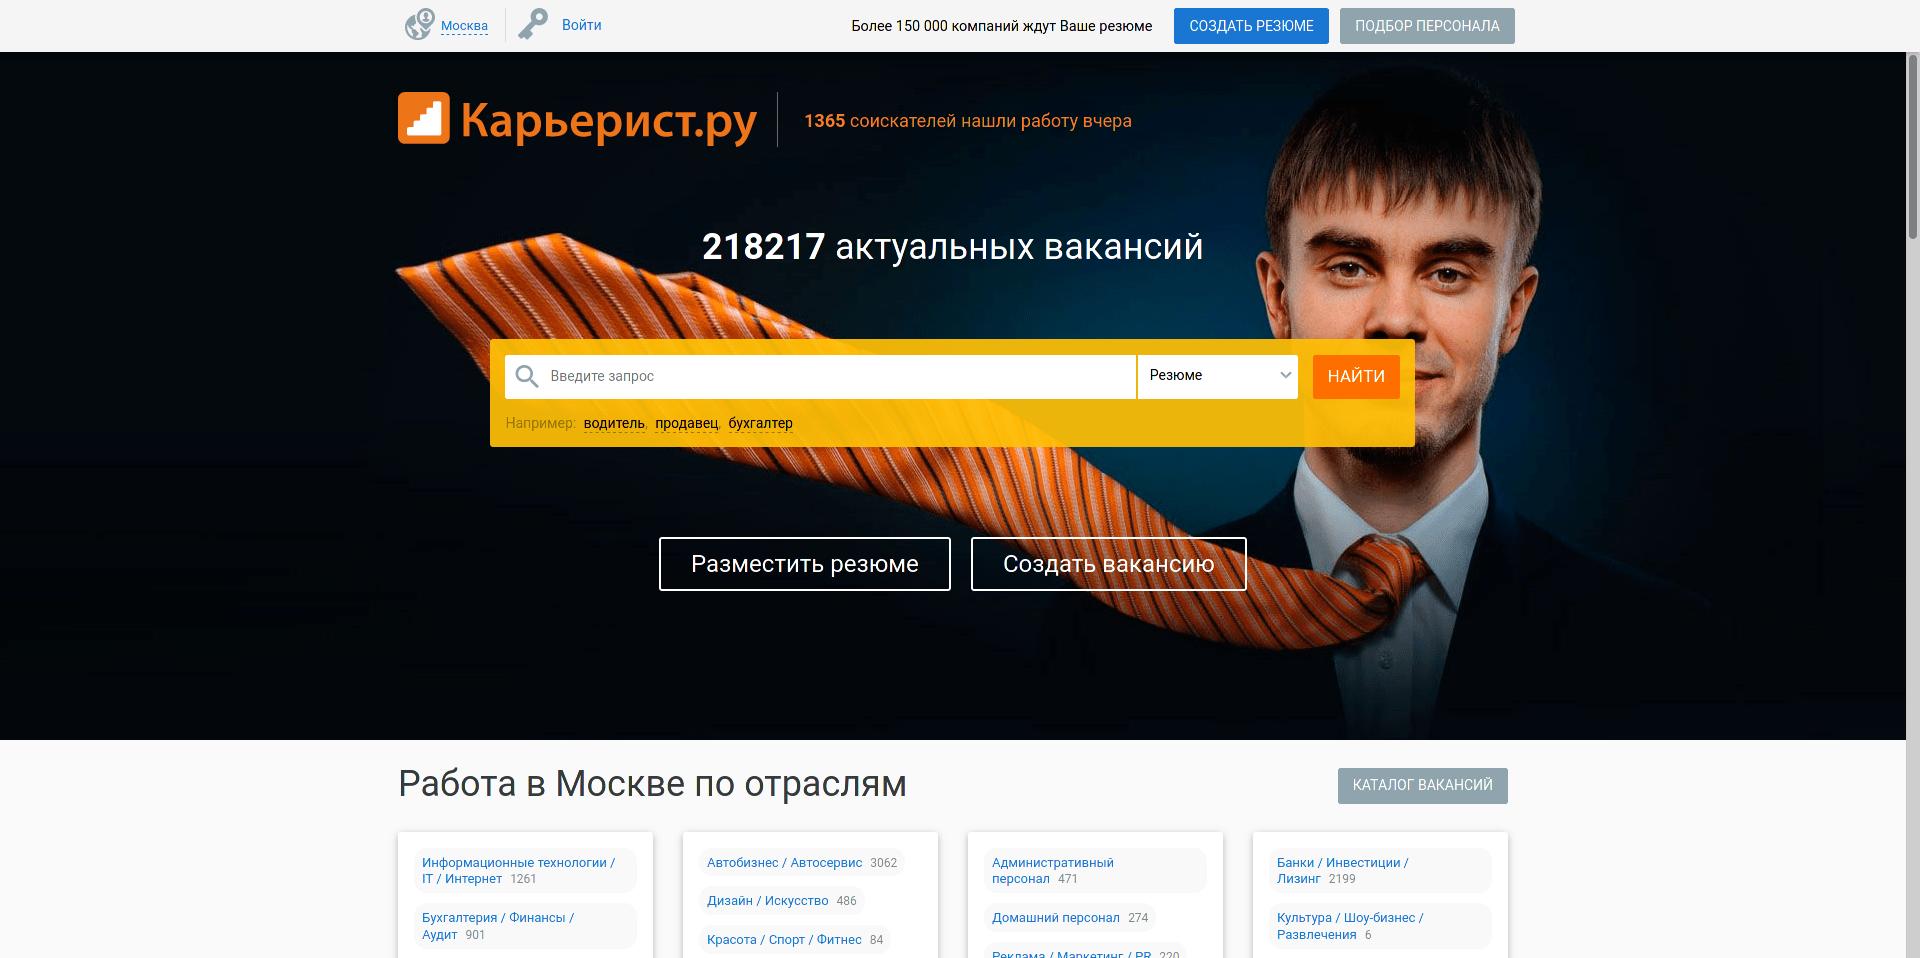 Screenshot_2021-03-05 Работа в Москве, поиск вакансий на Карьерист ру.png